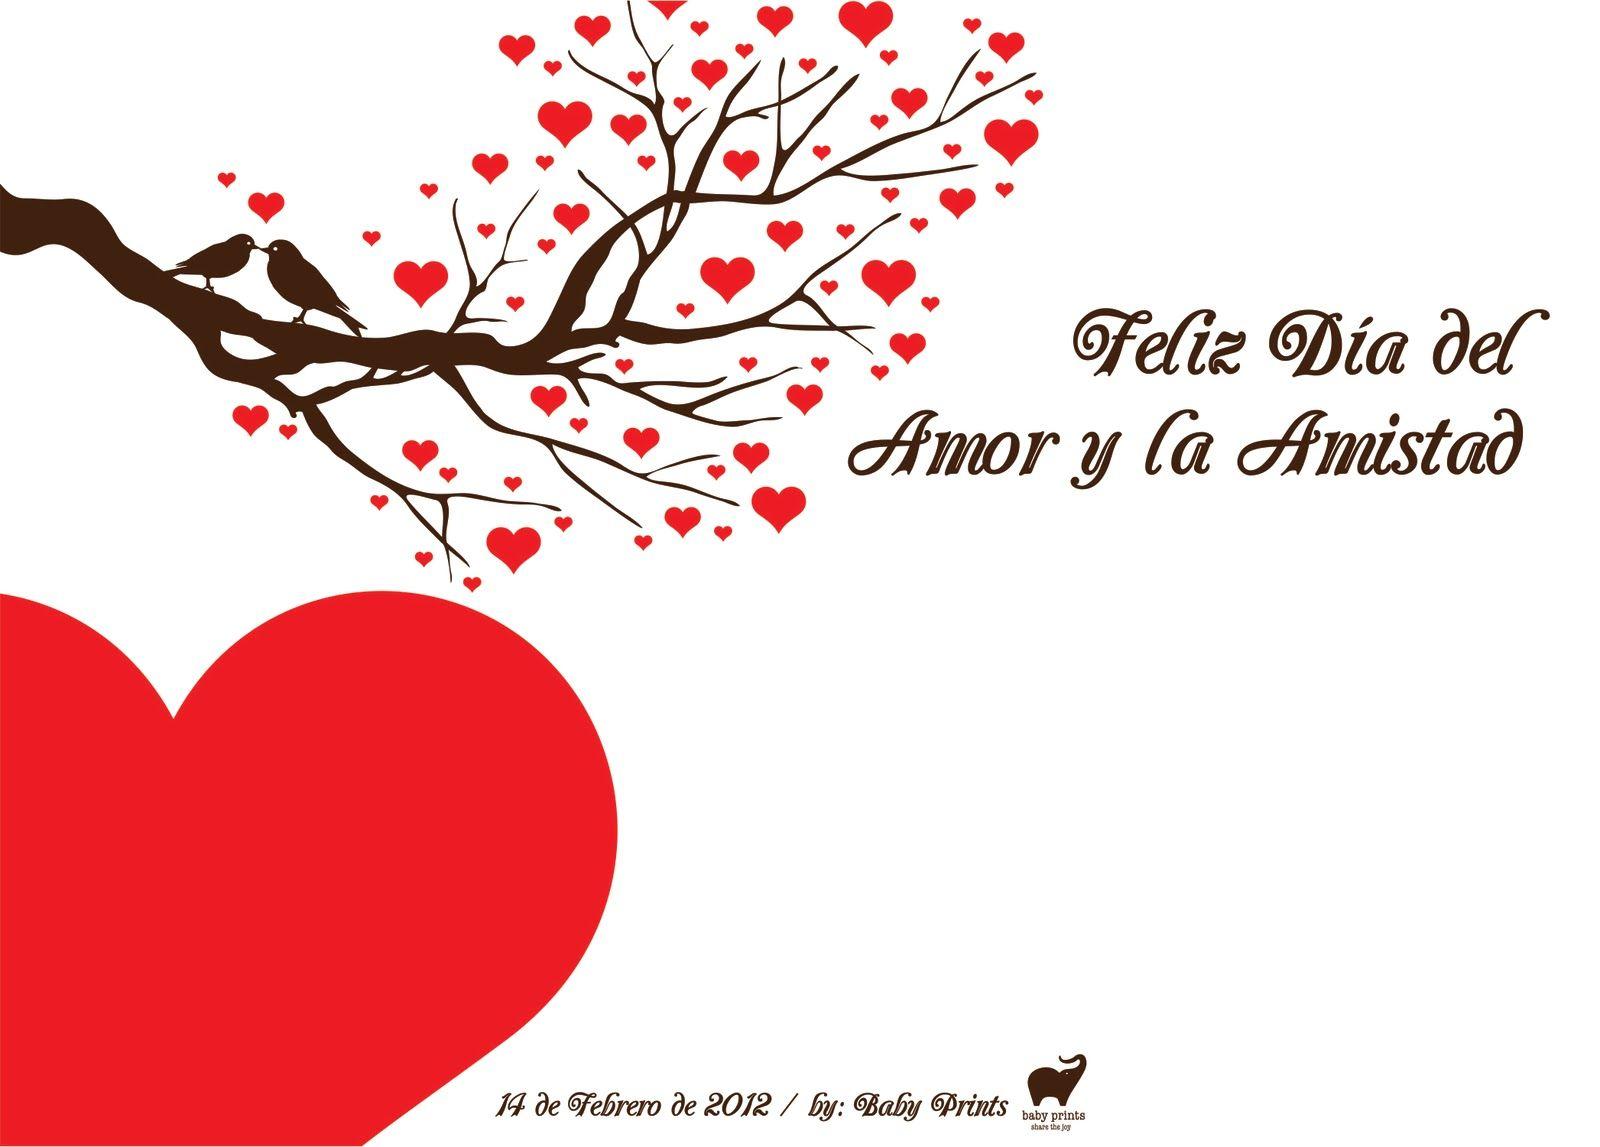 Tarjetas De Amor 14 Febrero En Hd Gratis 2 Hd Wallpapers Tarjetas De Amor Frases Bonitas De Amistad Tarjetas Creativas